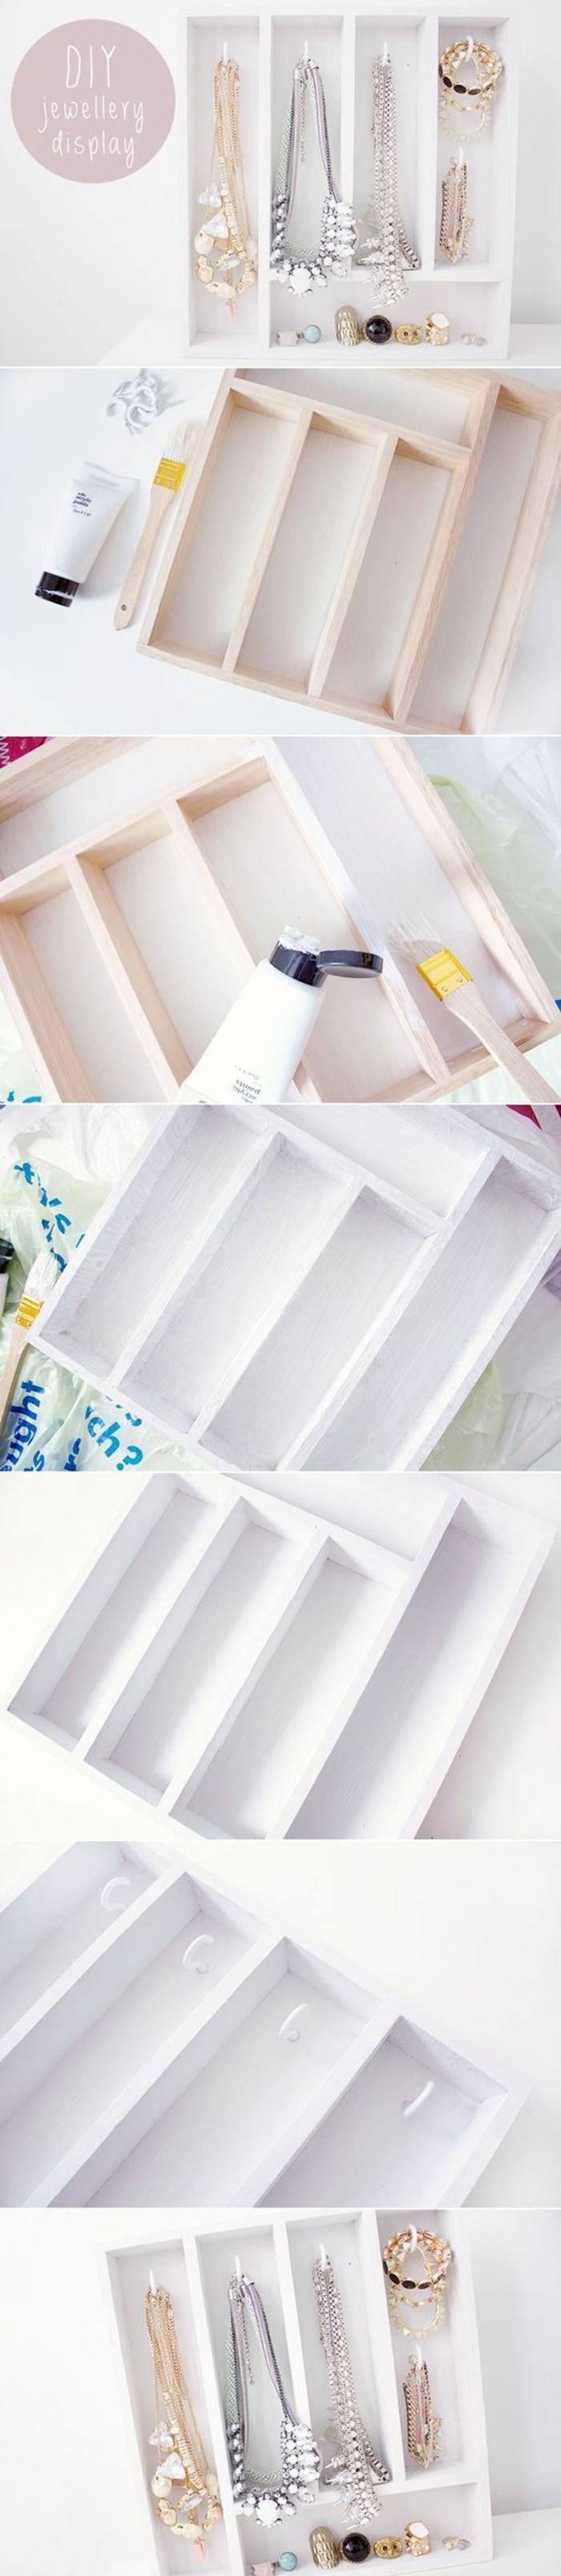 schmuckaufbewahrung selber machen aus holz, weiße farbe, schmuck